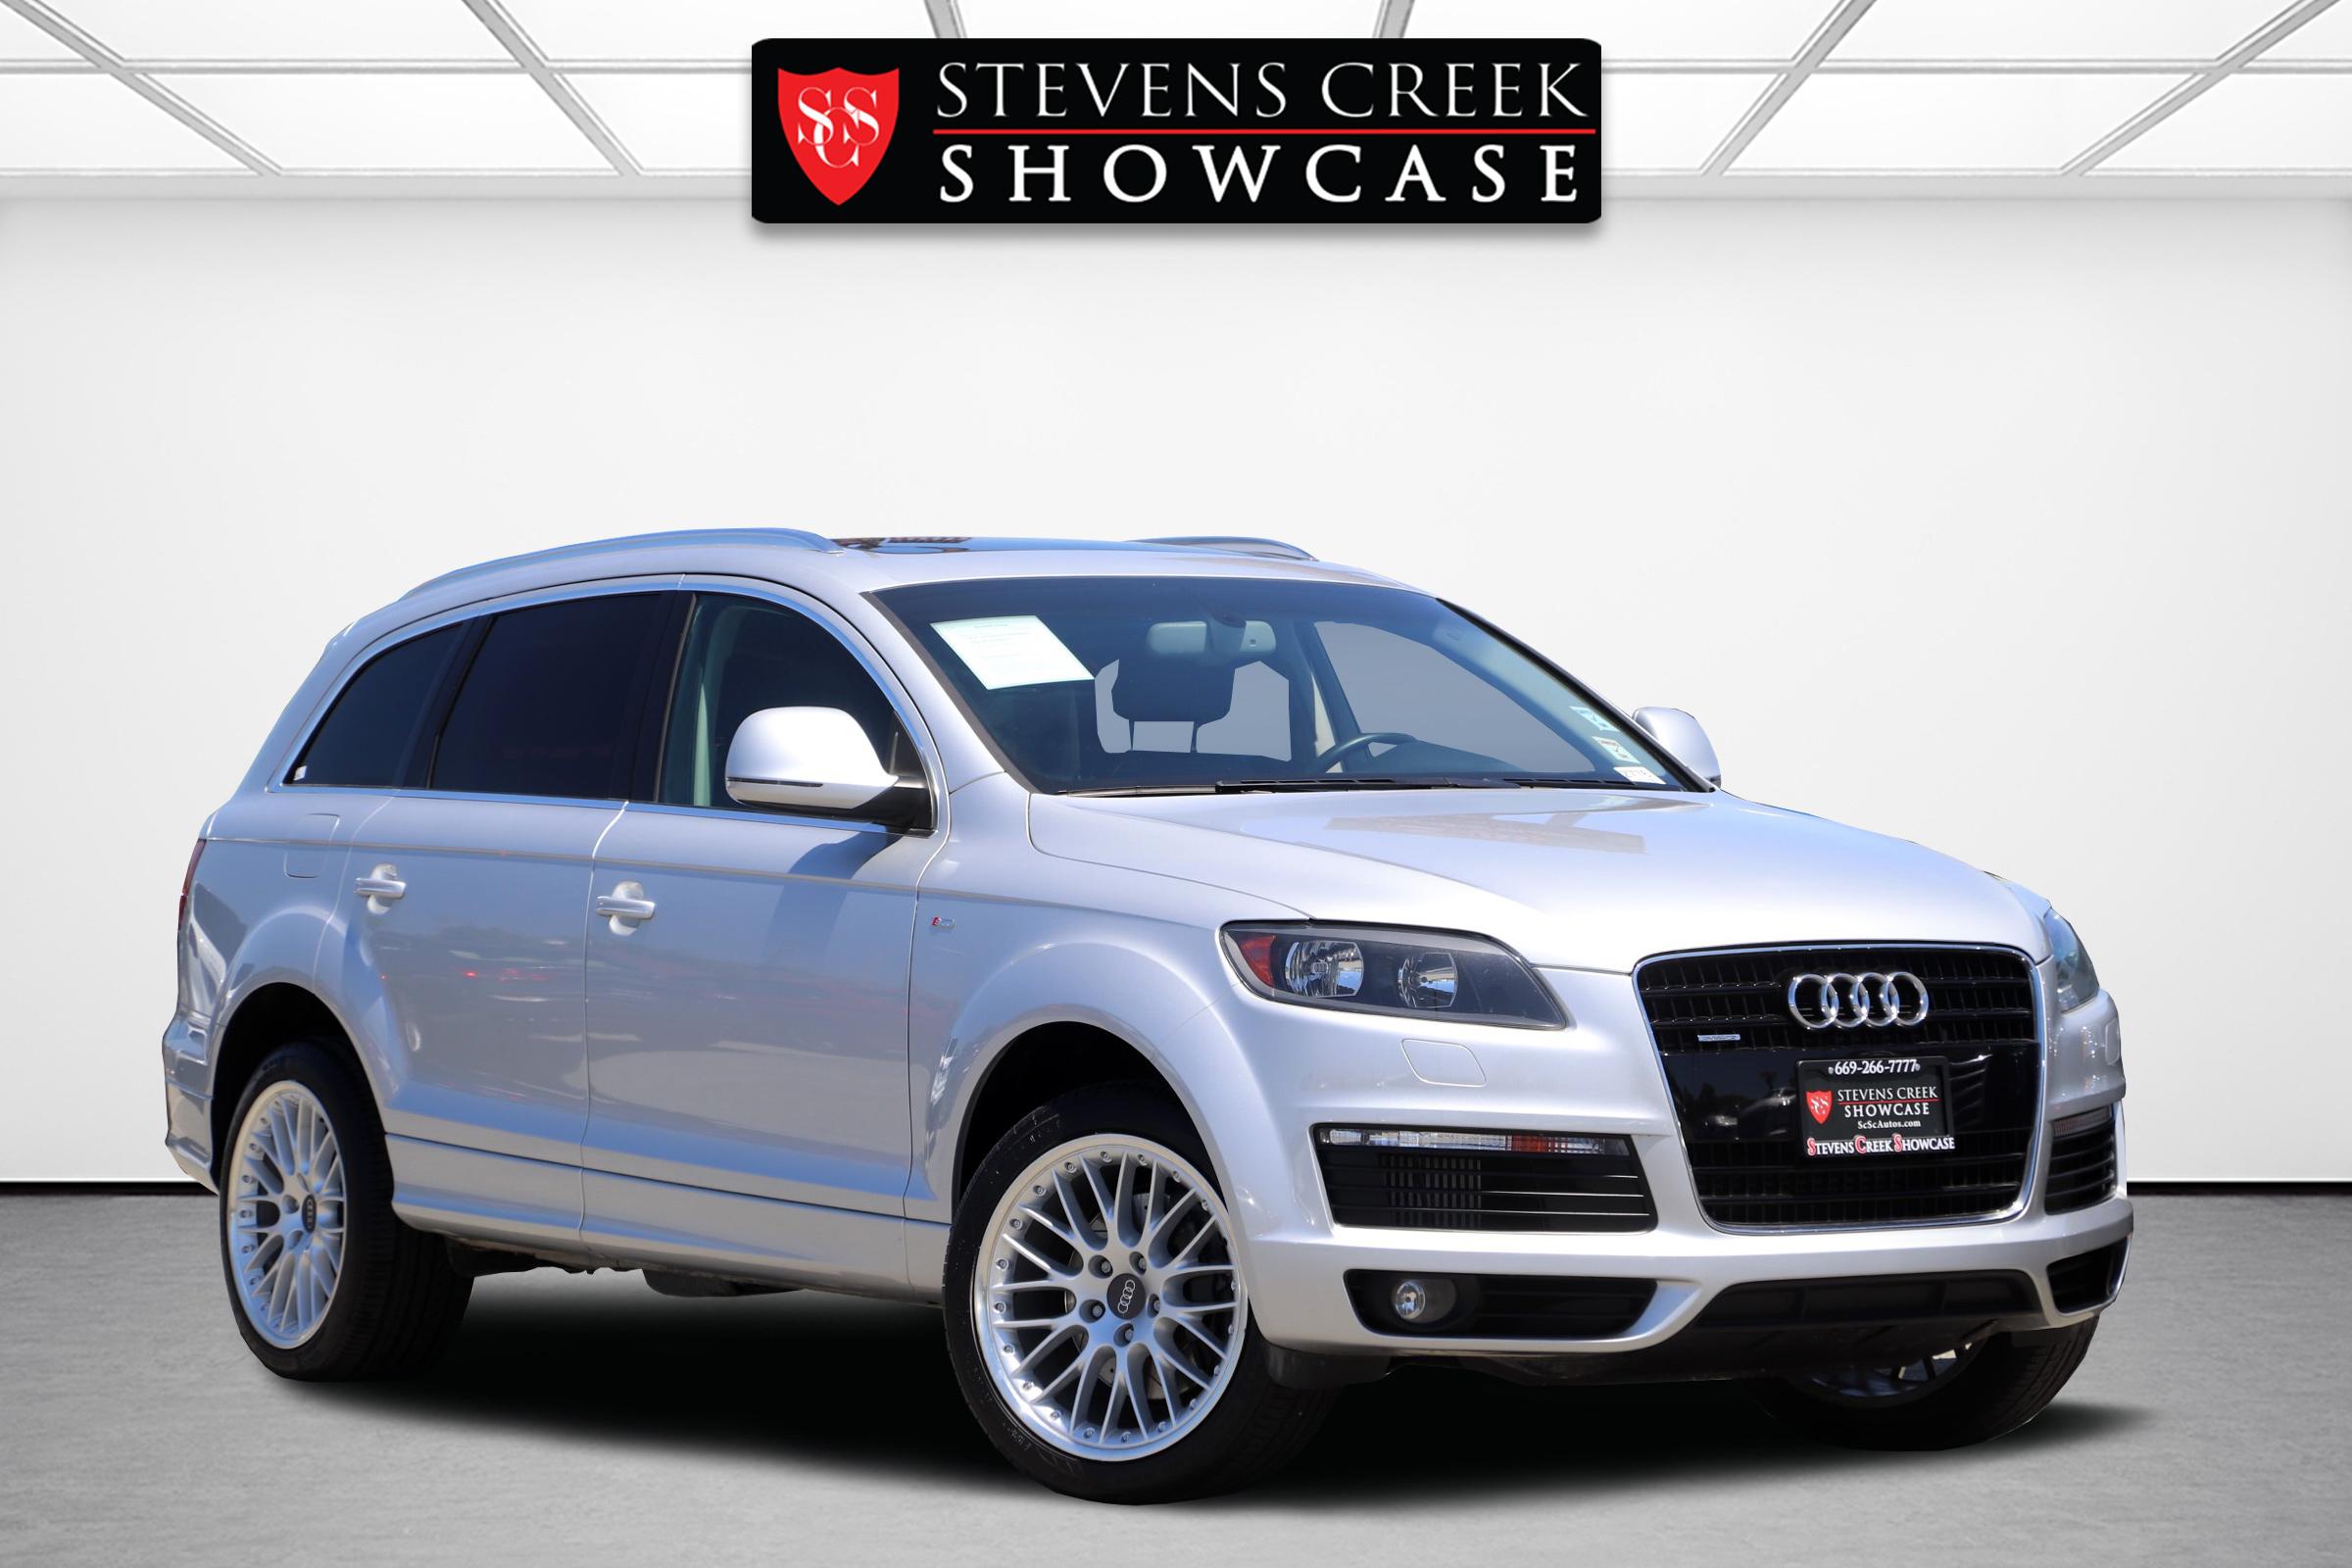 2009 Audi Q7 Premium - Stevens Creek Showcase